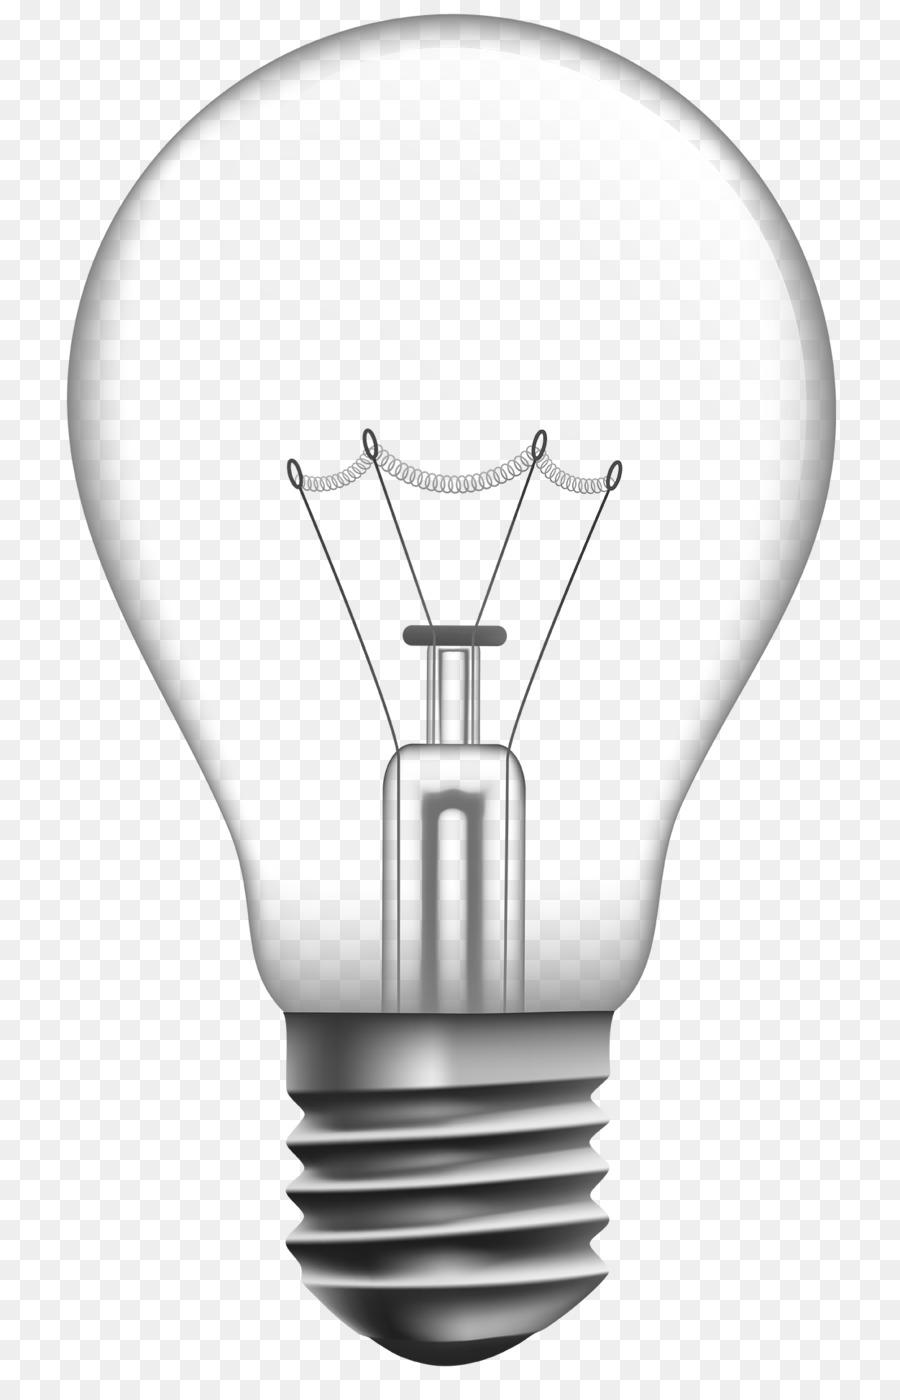 Descarga gratuita de La Luz, Bombilla De Luz Incandescente, Lámpara imágenes PNG